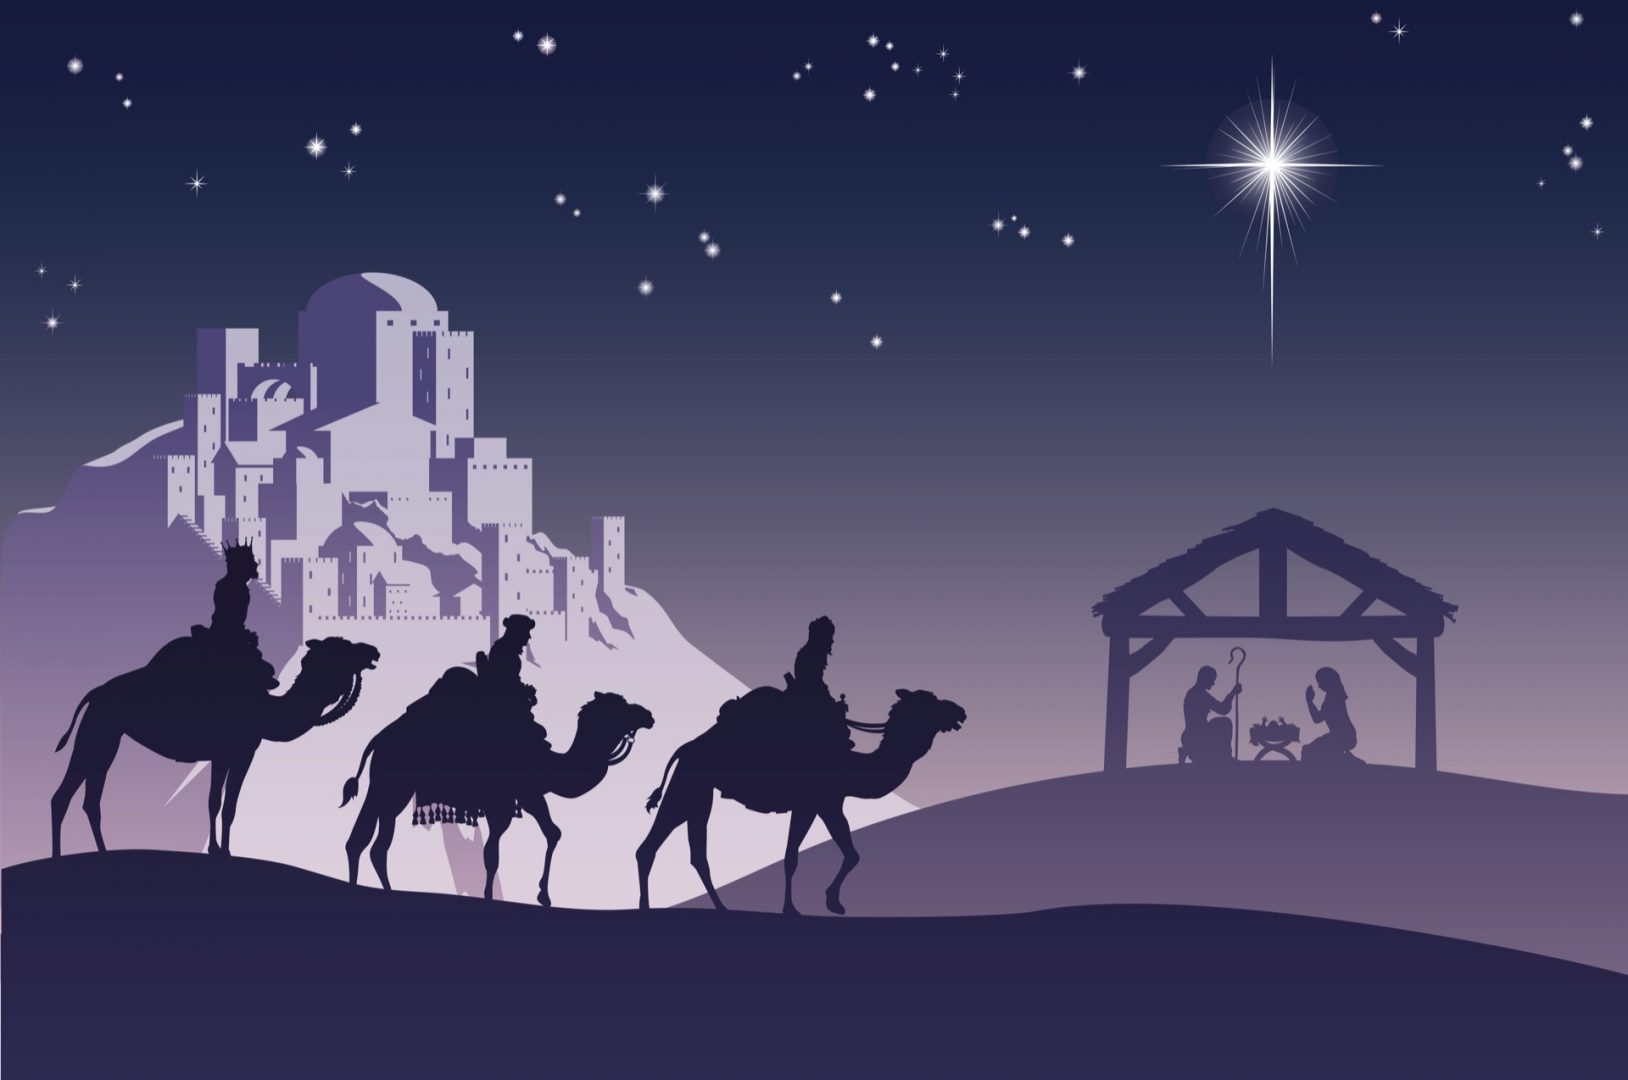 Martorii nașterii: păstorii de la Betleem și magii